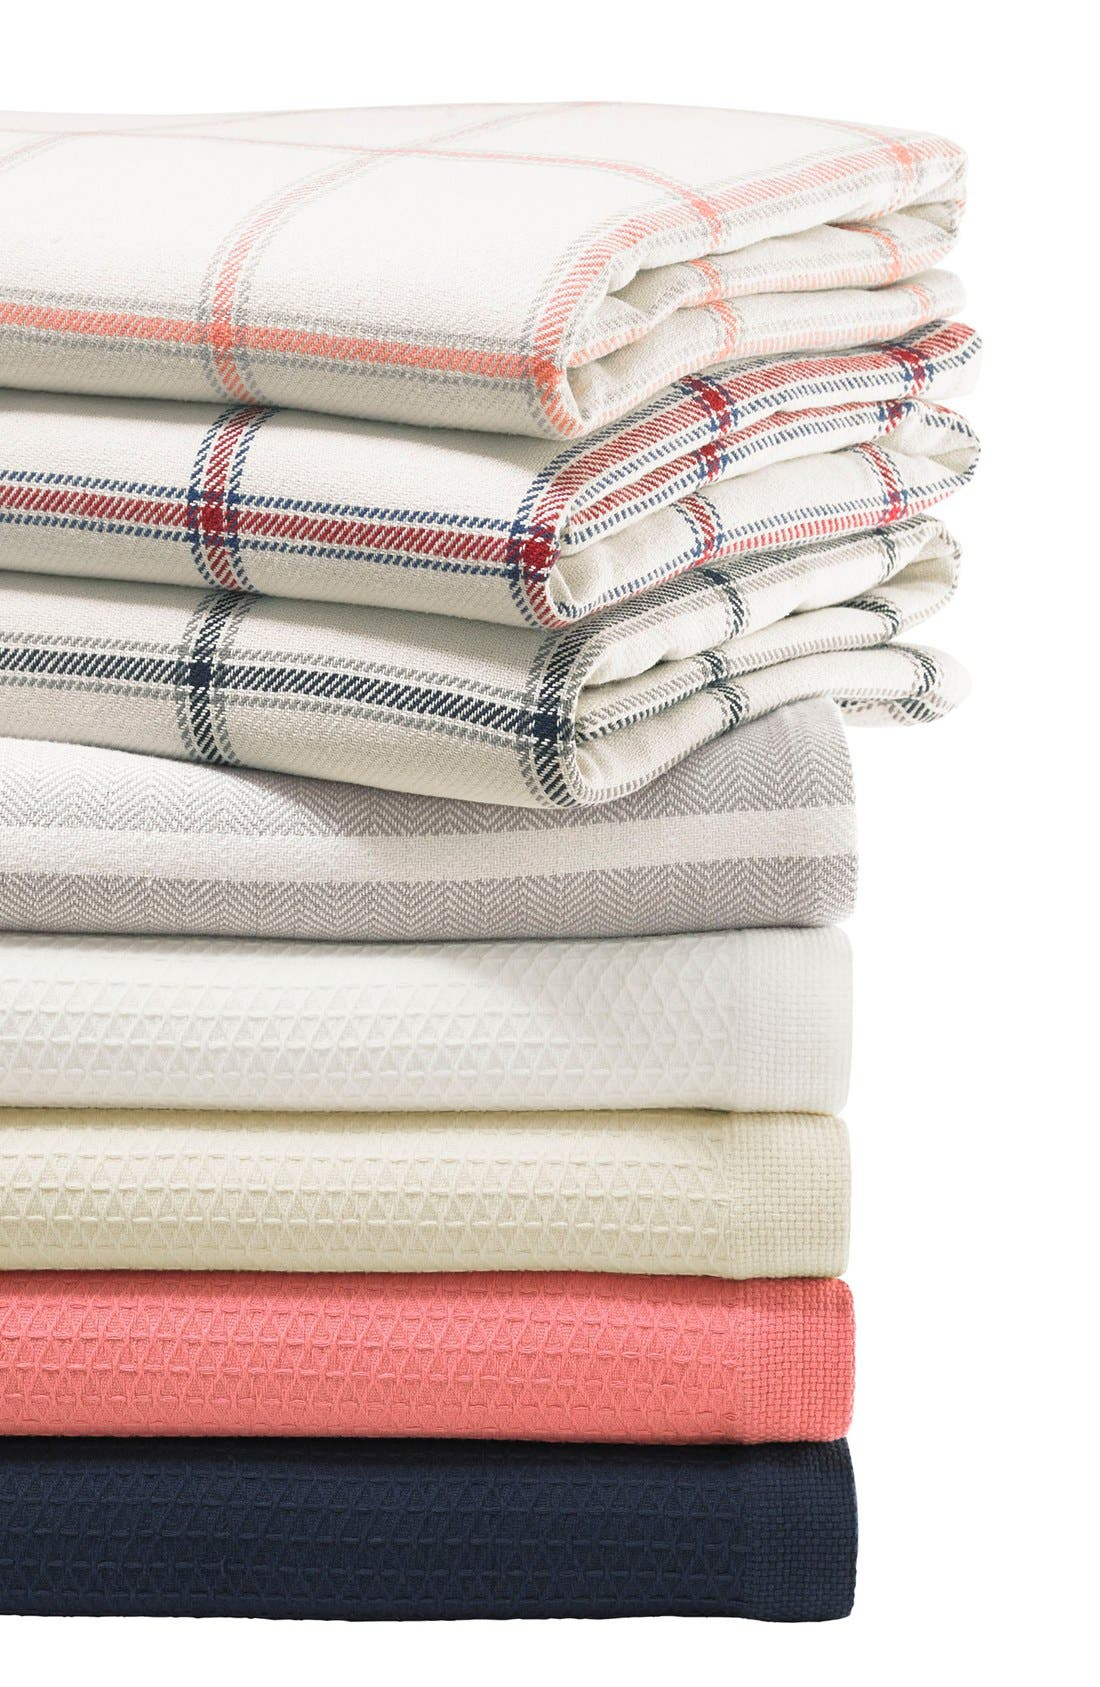 'Halstead' Windowpane Plaid Blanket,                             Alternate thumbnail 2, color,